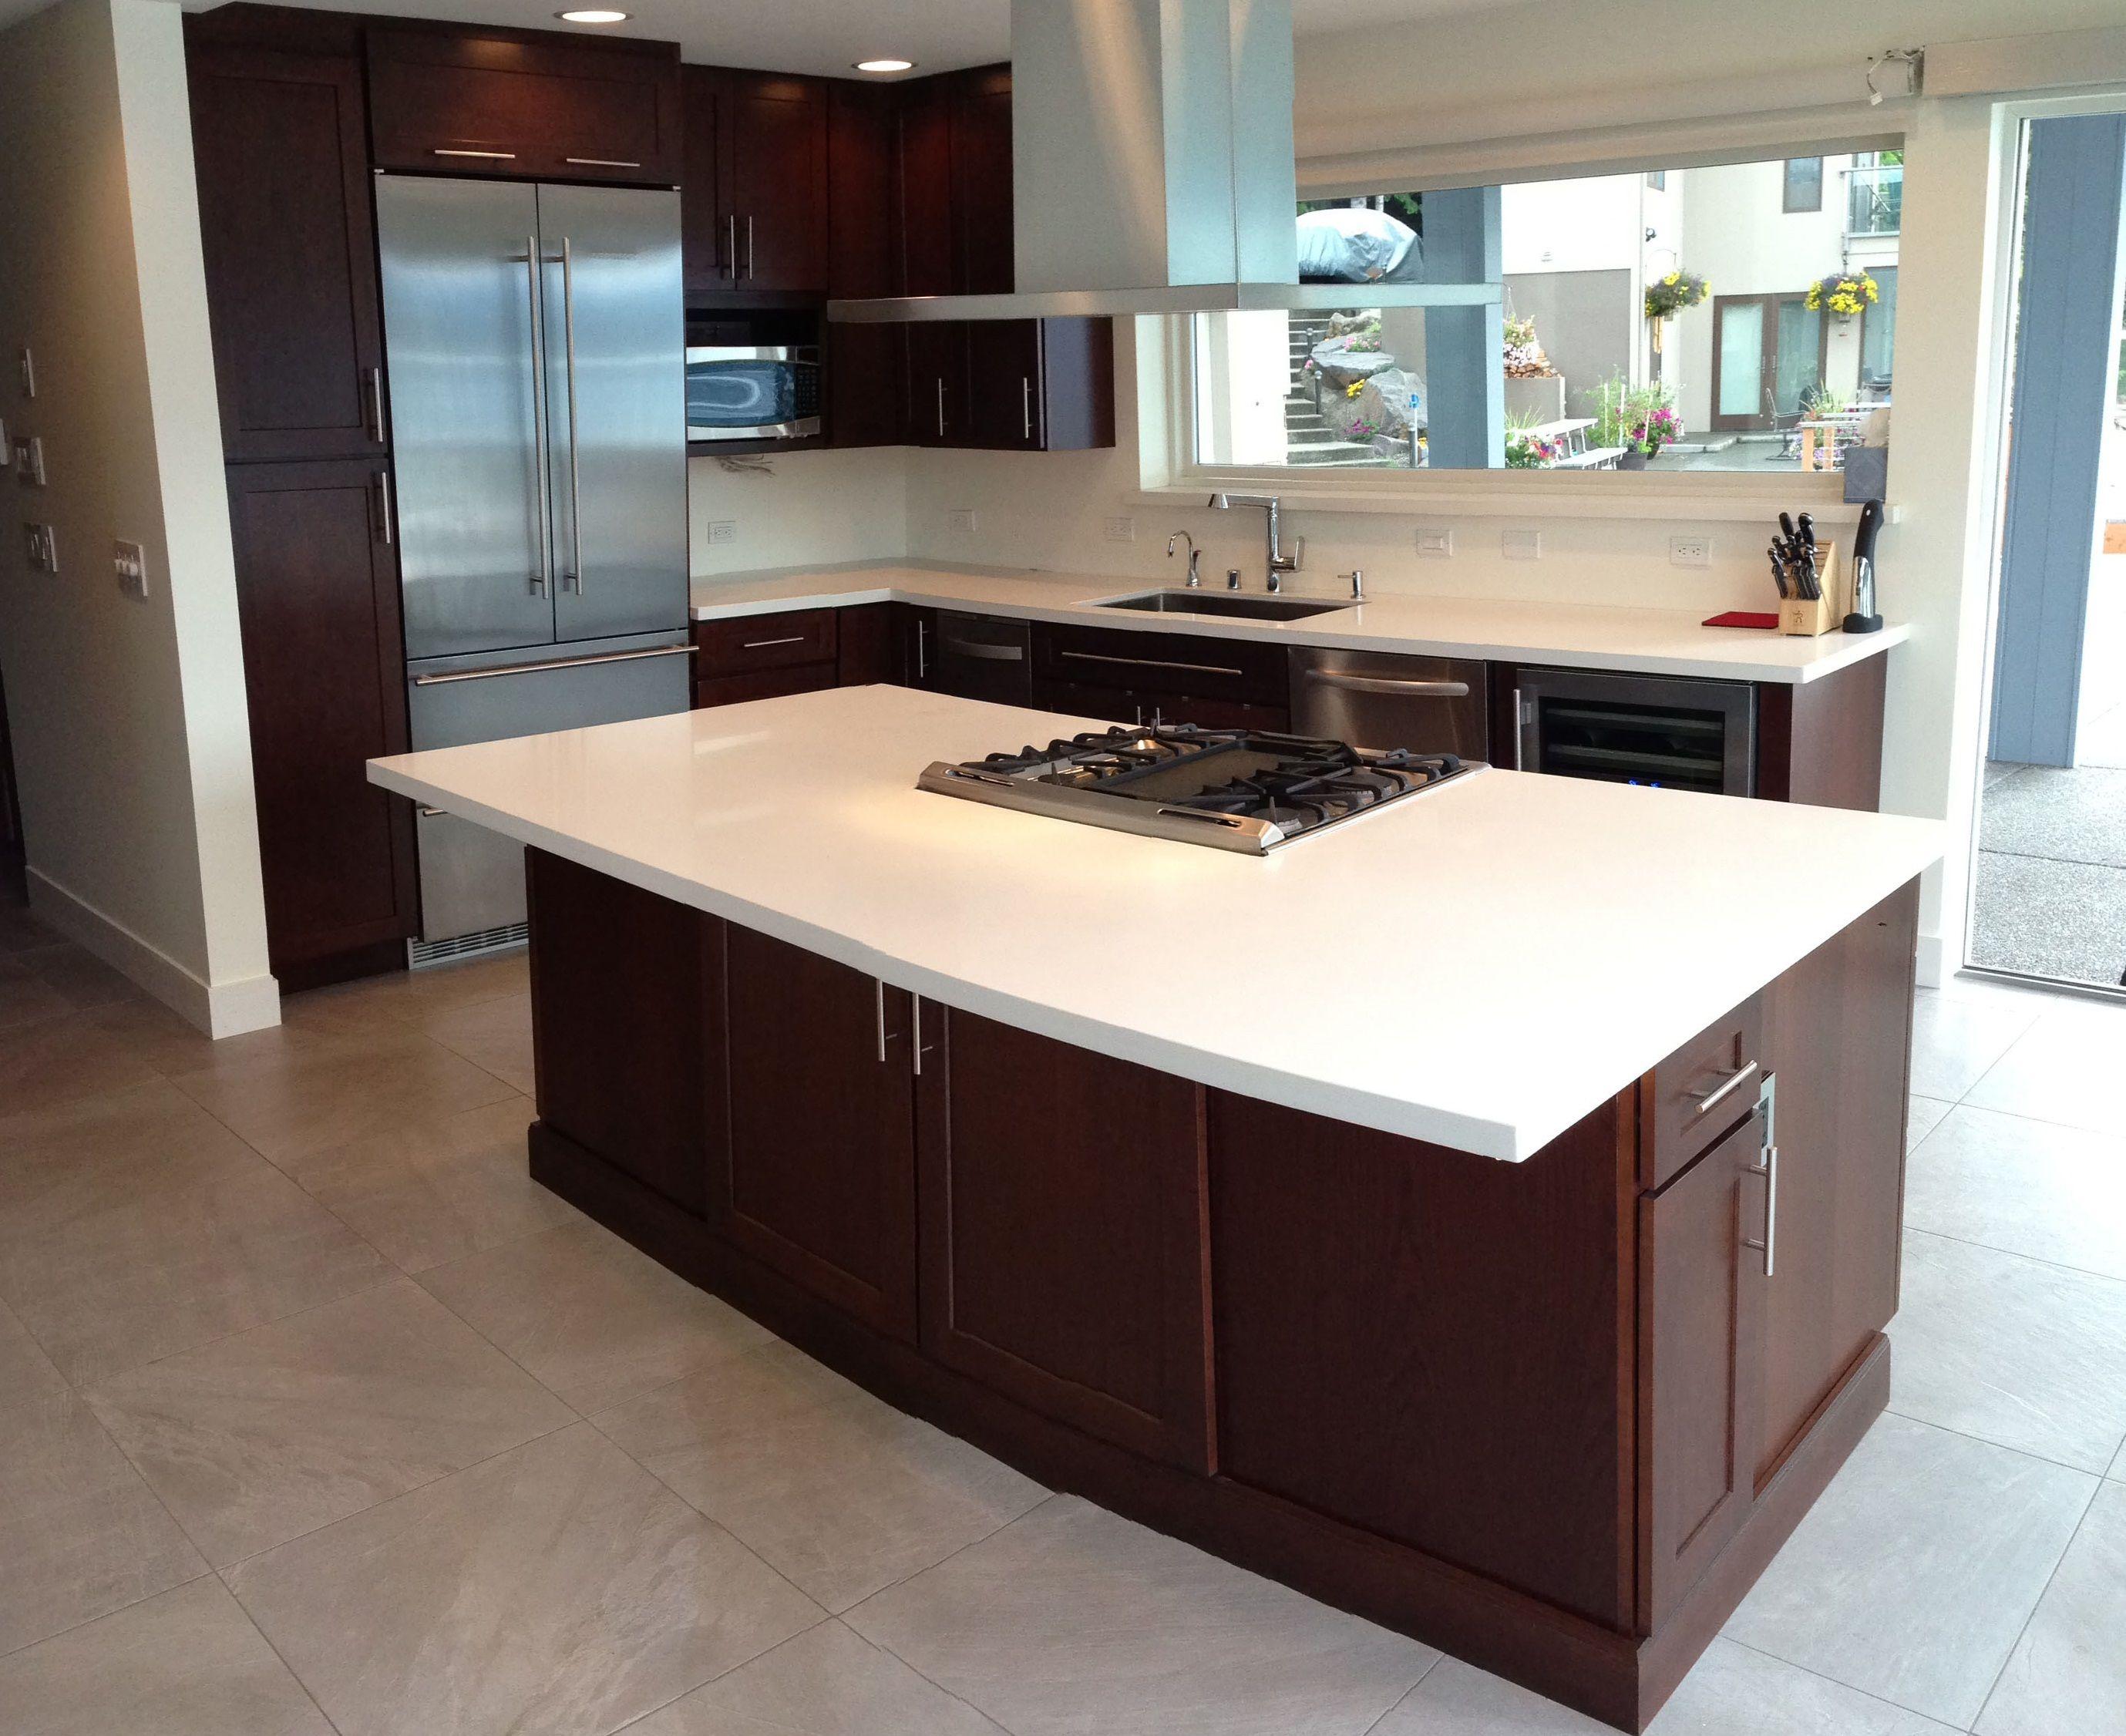 Daytoncherryislandopenview0421  Kitchen Reno Ideas Simple Dayton Bathroom Remodeling Review